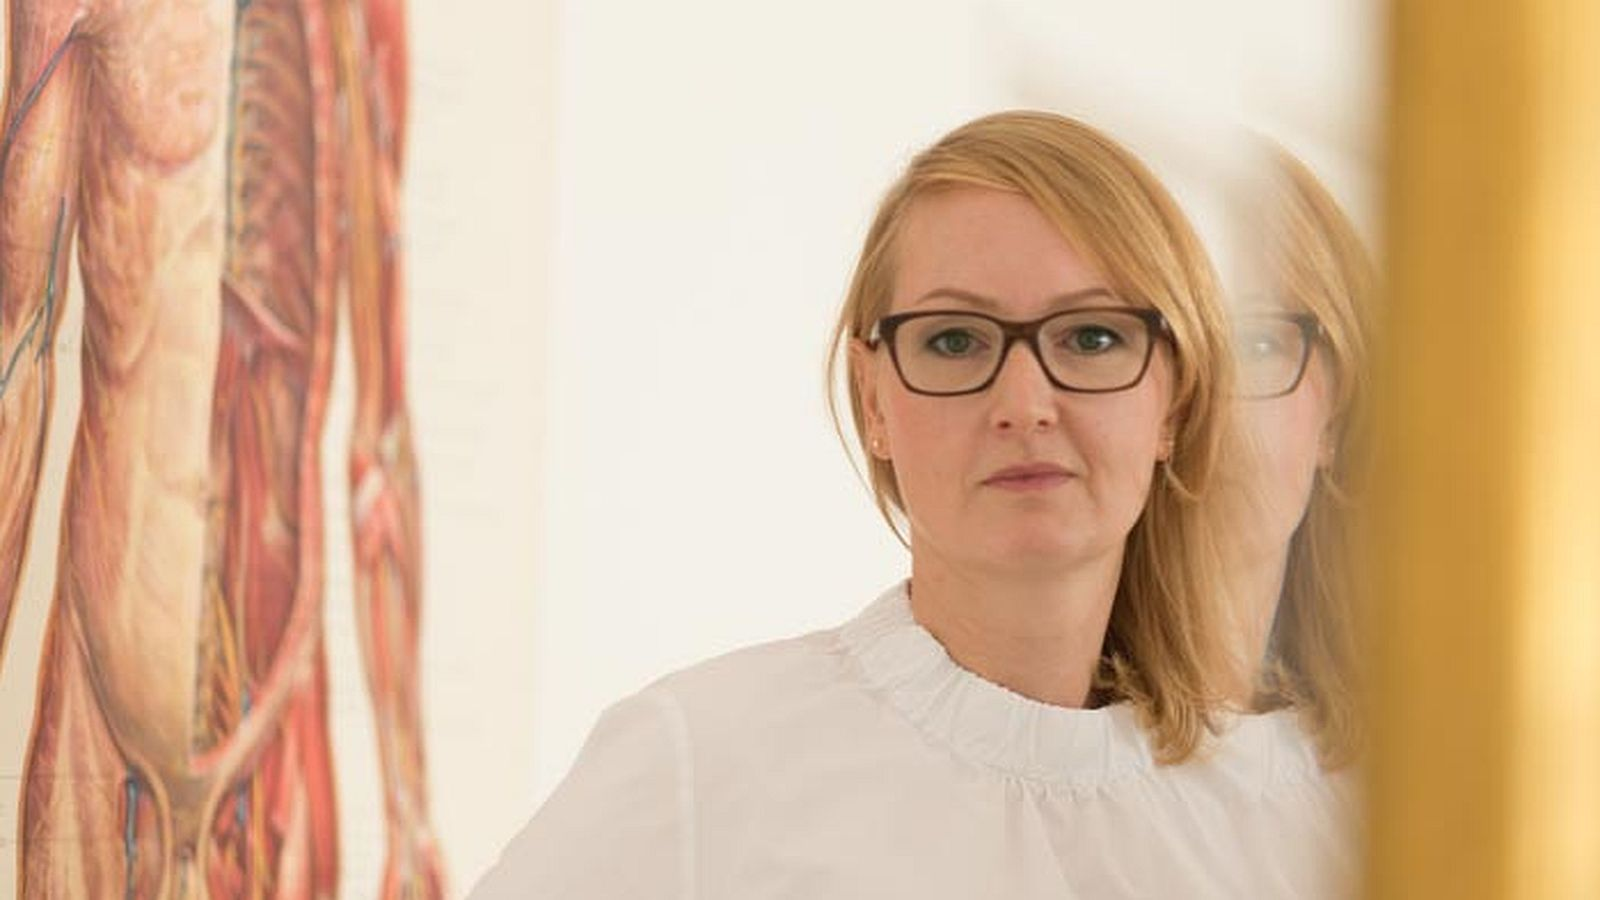 Pohltherapie gegen Probleme und Beschwerden in der Schwangerschaft  - Babett Wagner im Interview